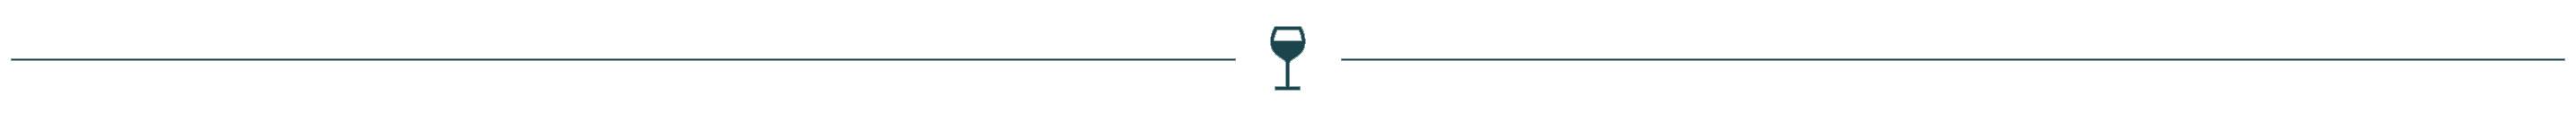 Wijn Express - Online Wijn Kopen